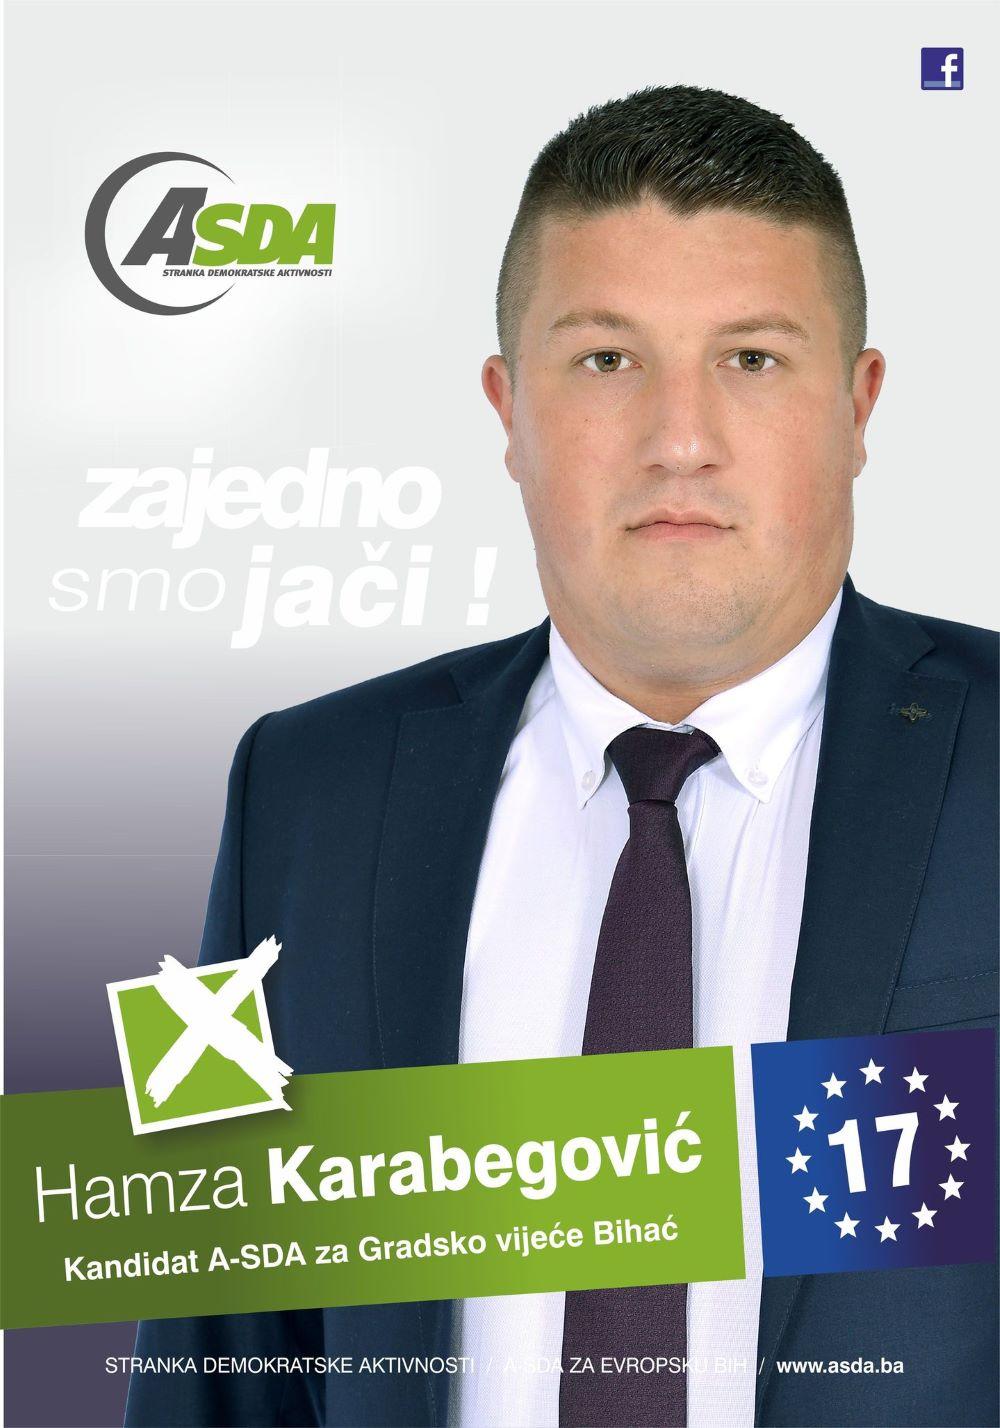 Hamza Karabegović